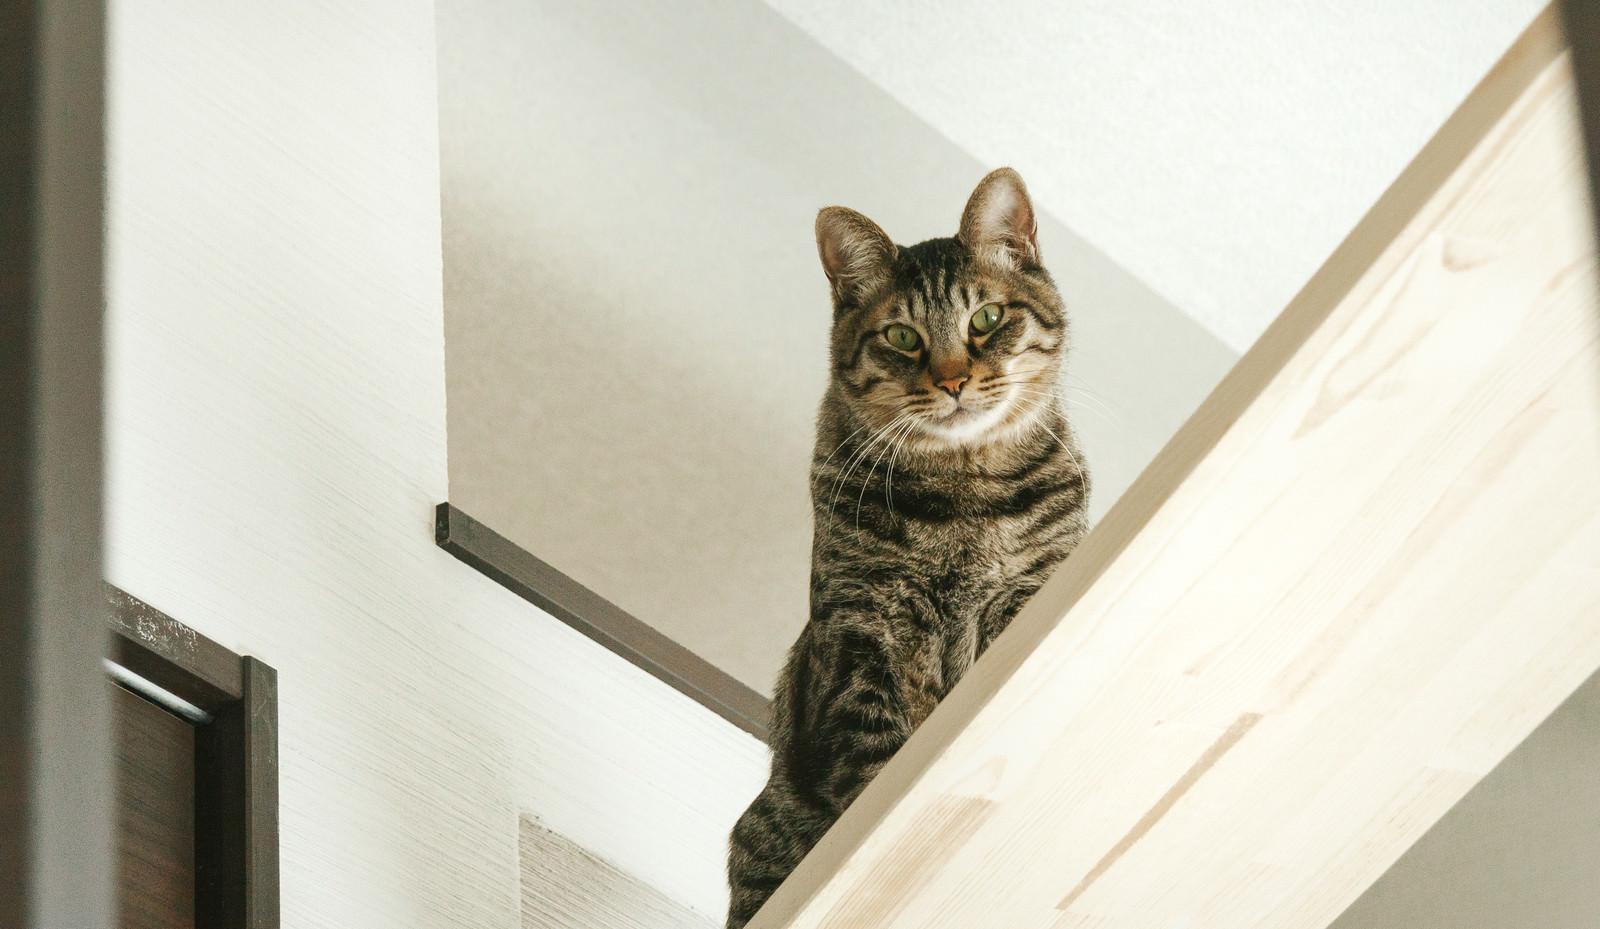 「キャットウォークから見下ろすにゃんこキャットウォークから見下ろすにゃんこ」のフリー写真素材を拡大